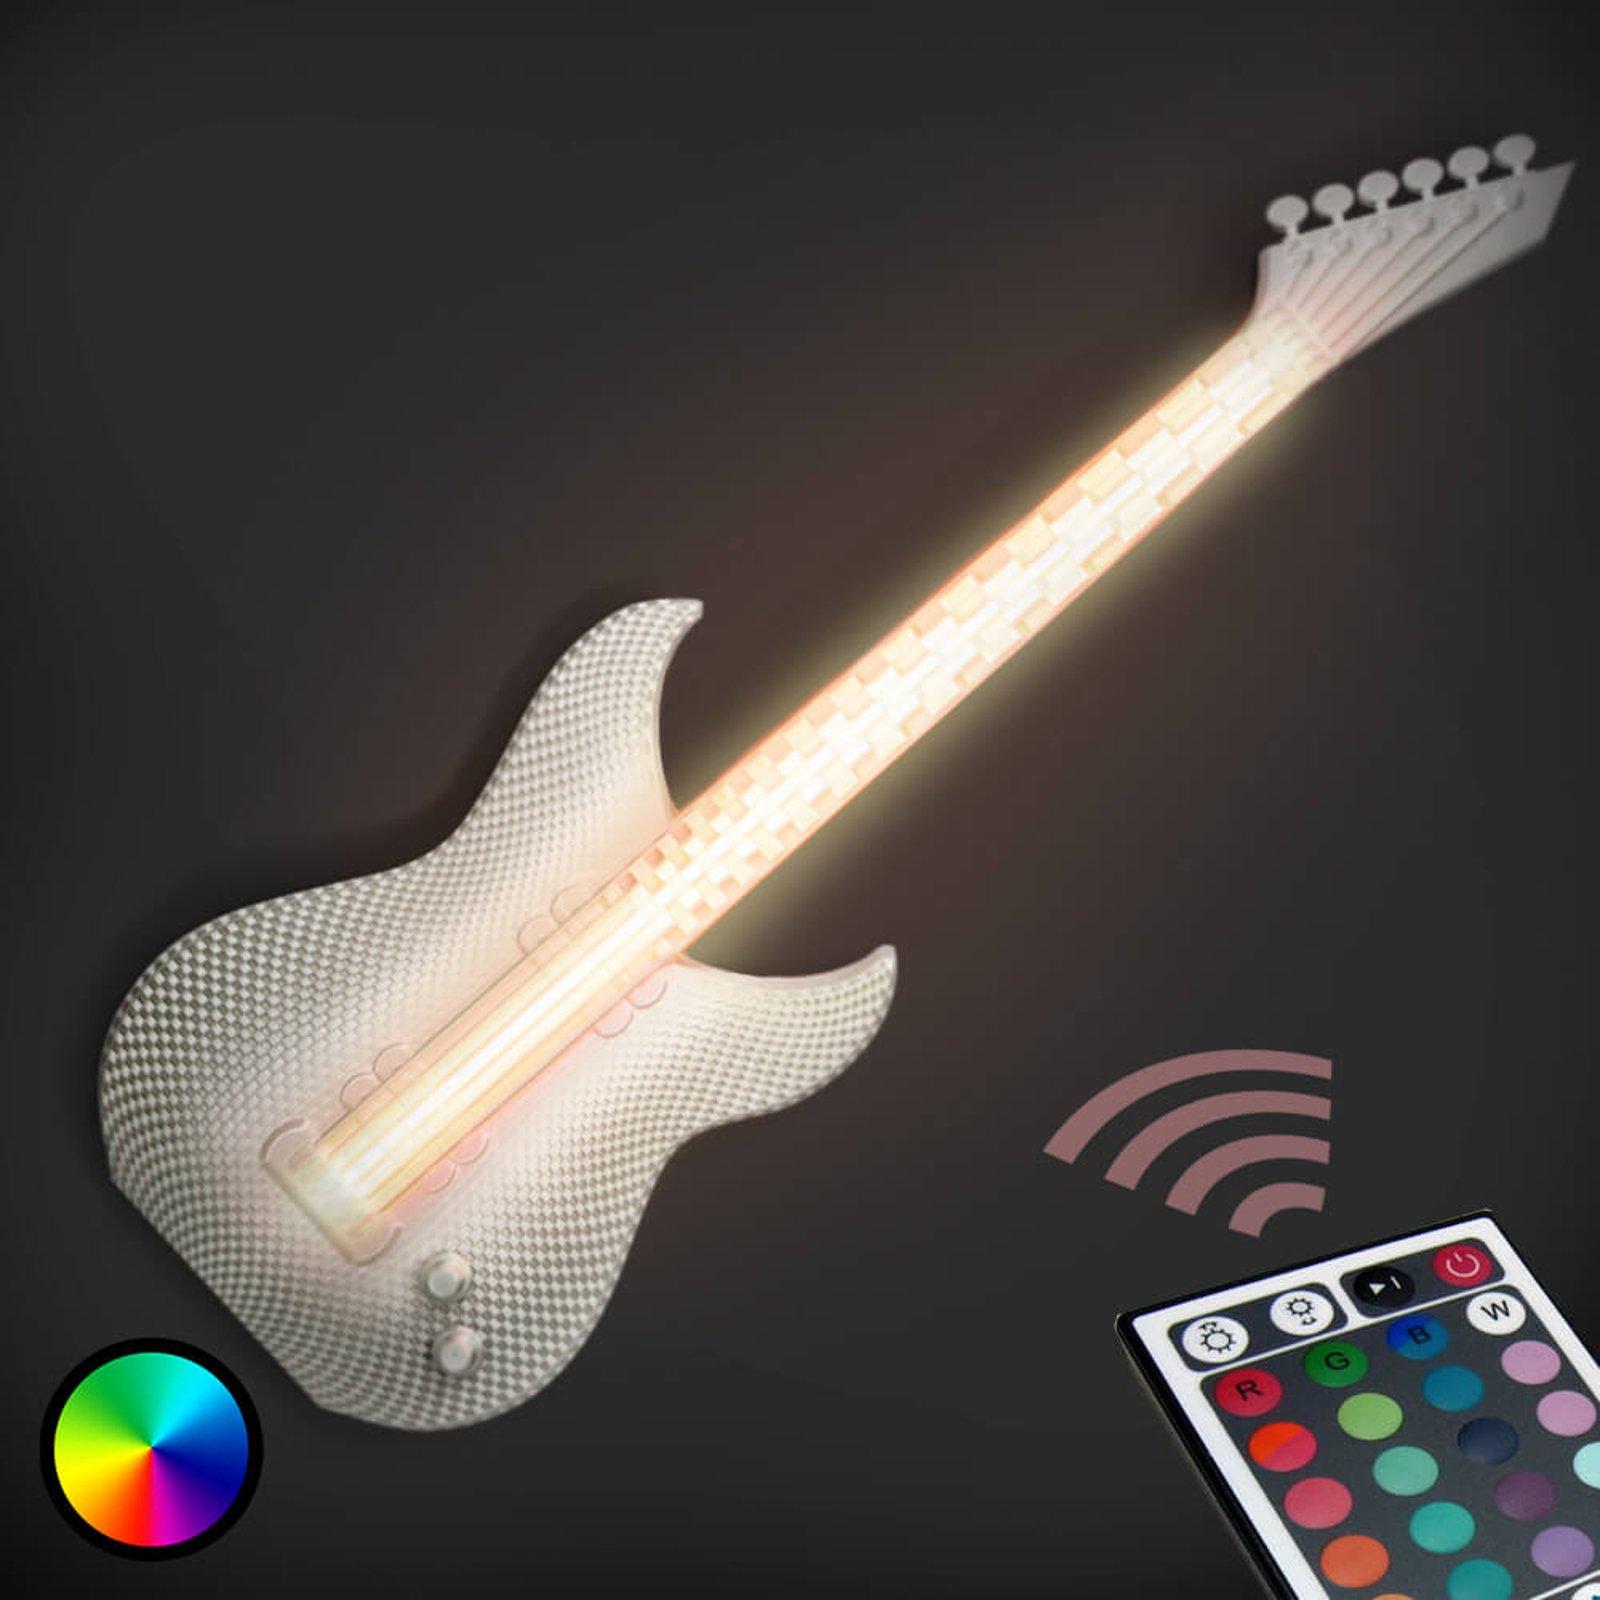 Gitar - hvit LED-vegglampe, 3D-print